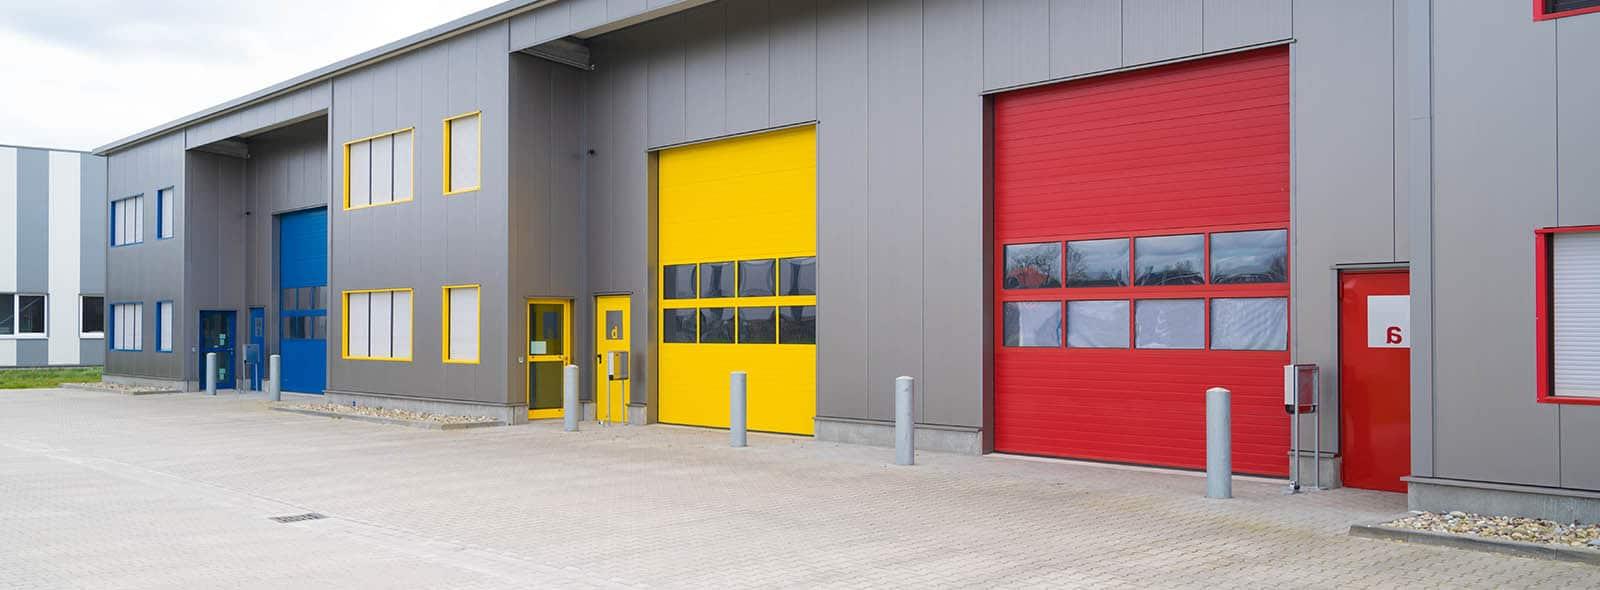 Puertas <br><span>Industriales</span>